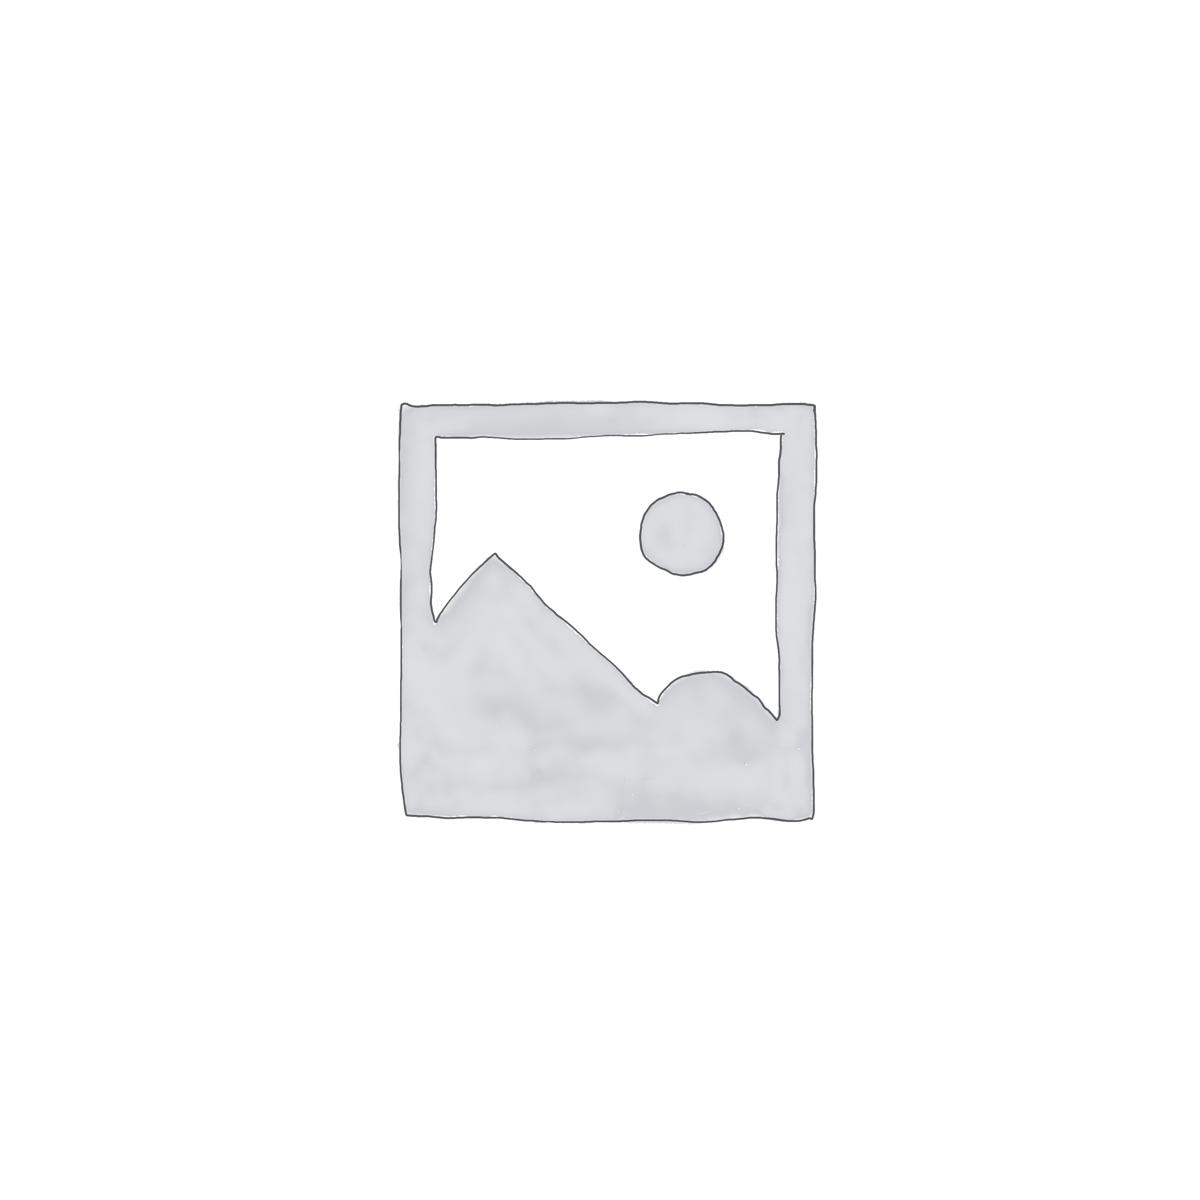 Sailor Map Wallpaper Mural